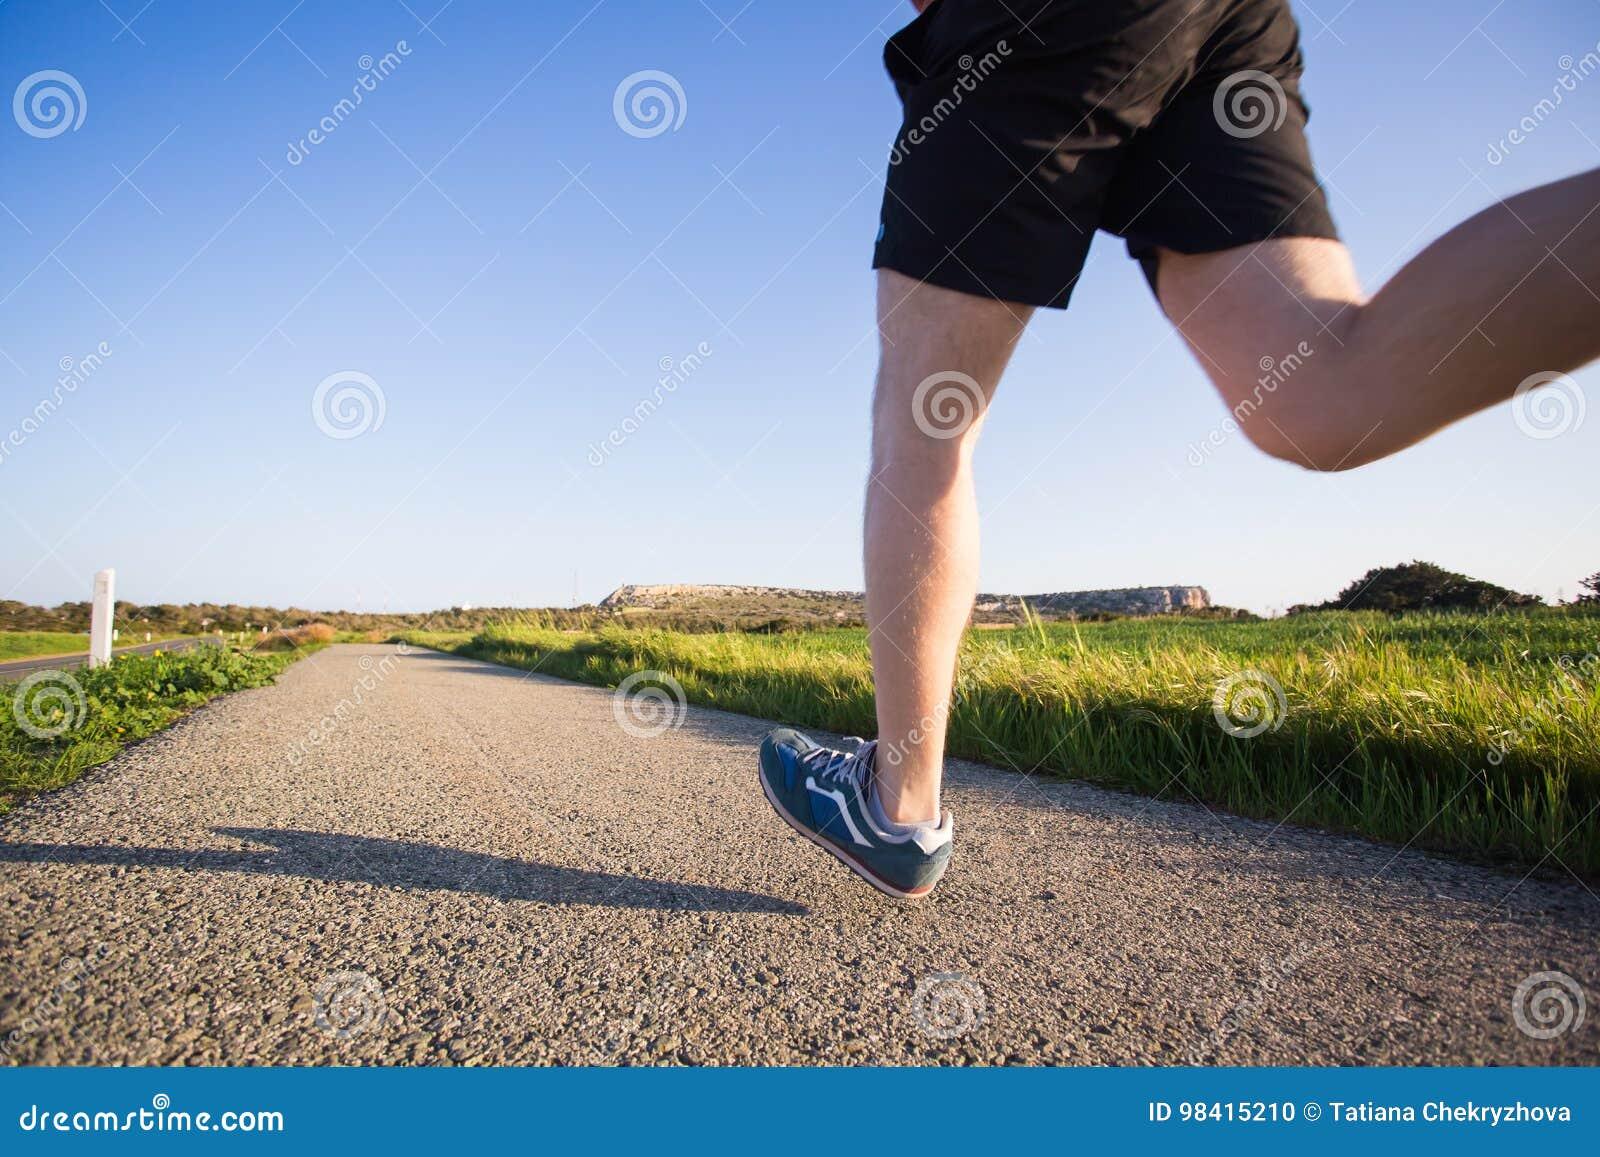 Υπαίθριο ανώμαλο τρέξιμο στην έννοια θερινής ηλιοφάνειας για την άσκηση, την ικανότητα και τον υγιή τρόπο ζωής